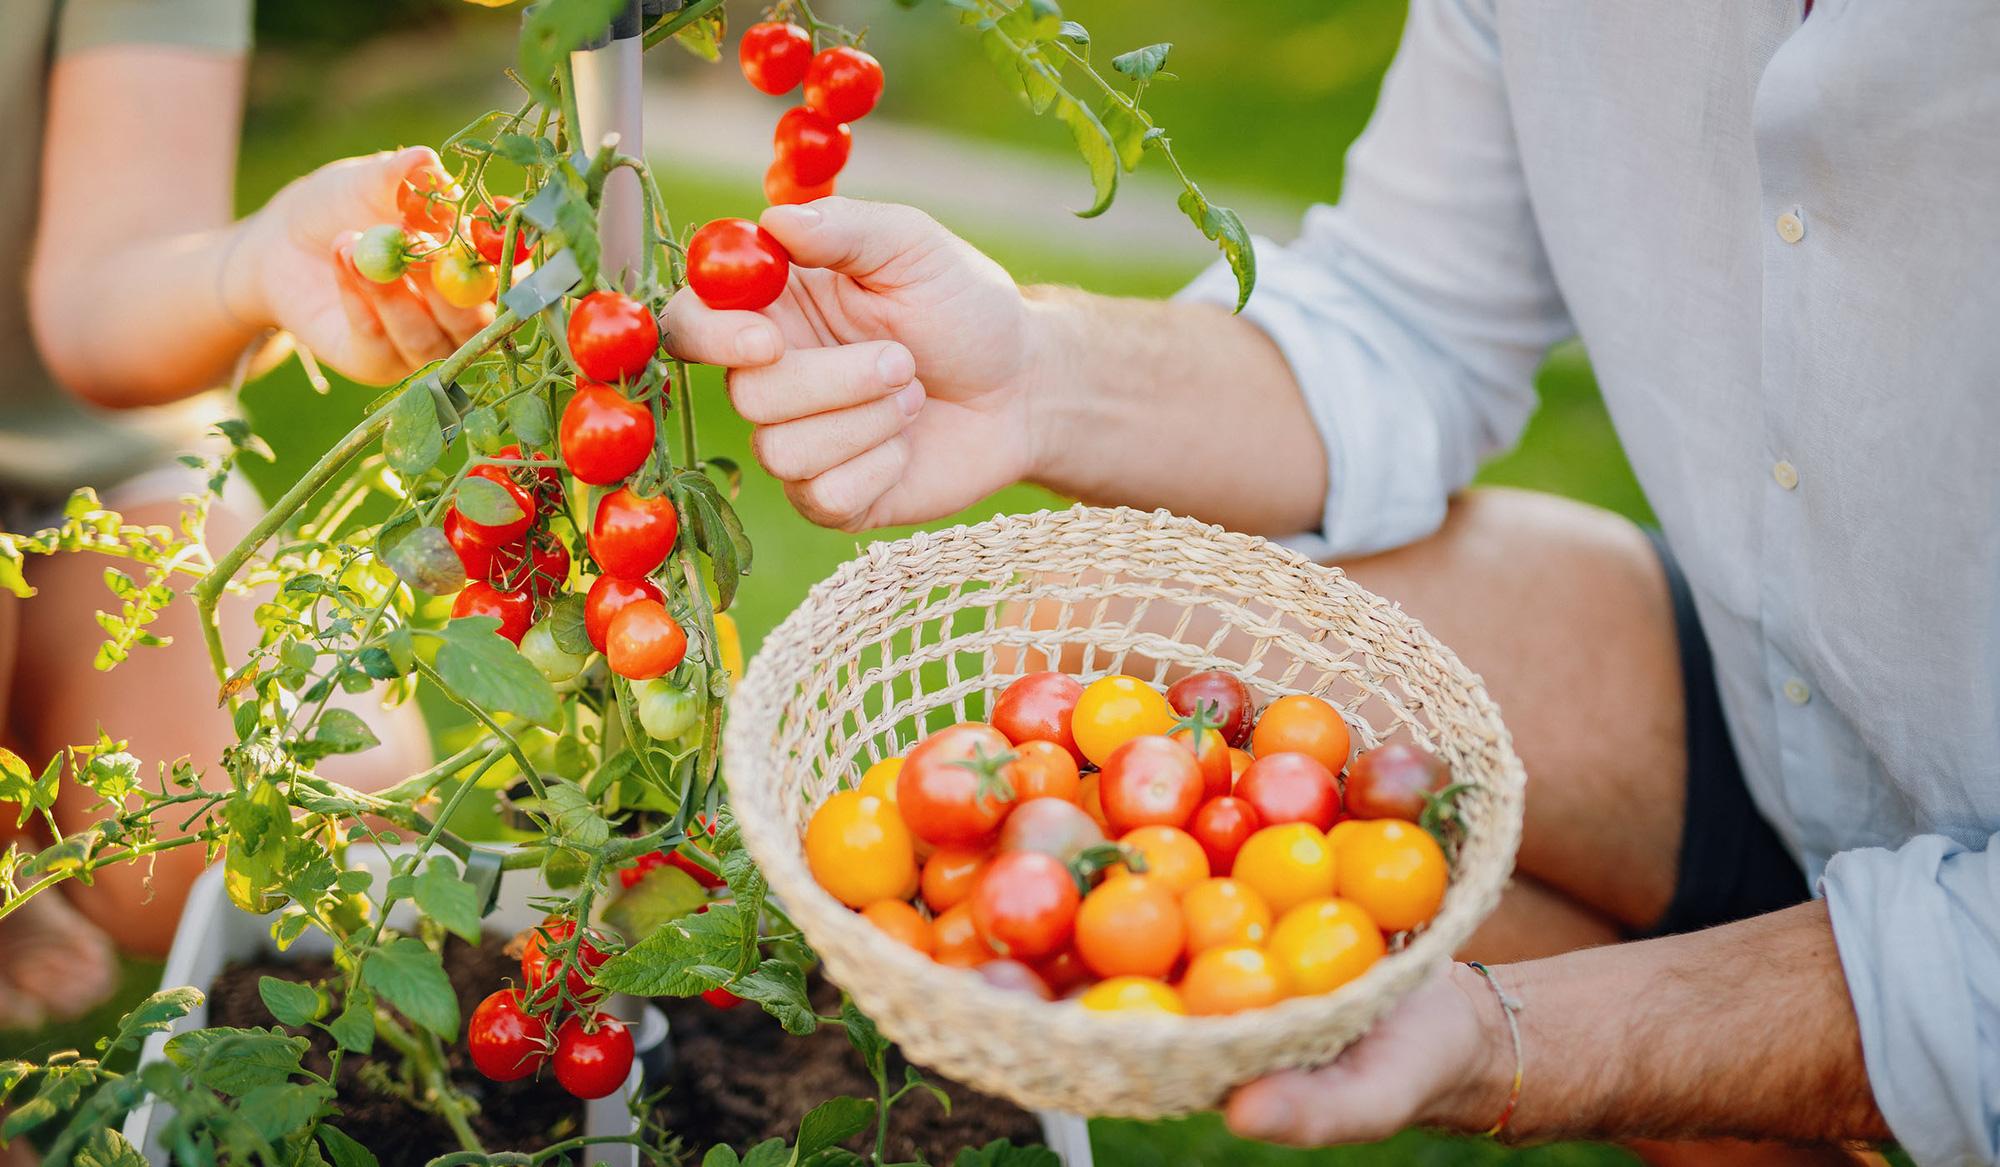 Những sai lầm phổ biến khi trồng cà chua khiến năng suất không được như mong muốn - Ảnh 1.